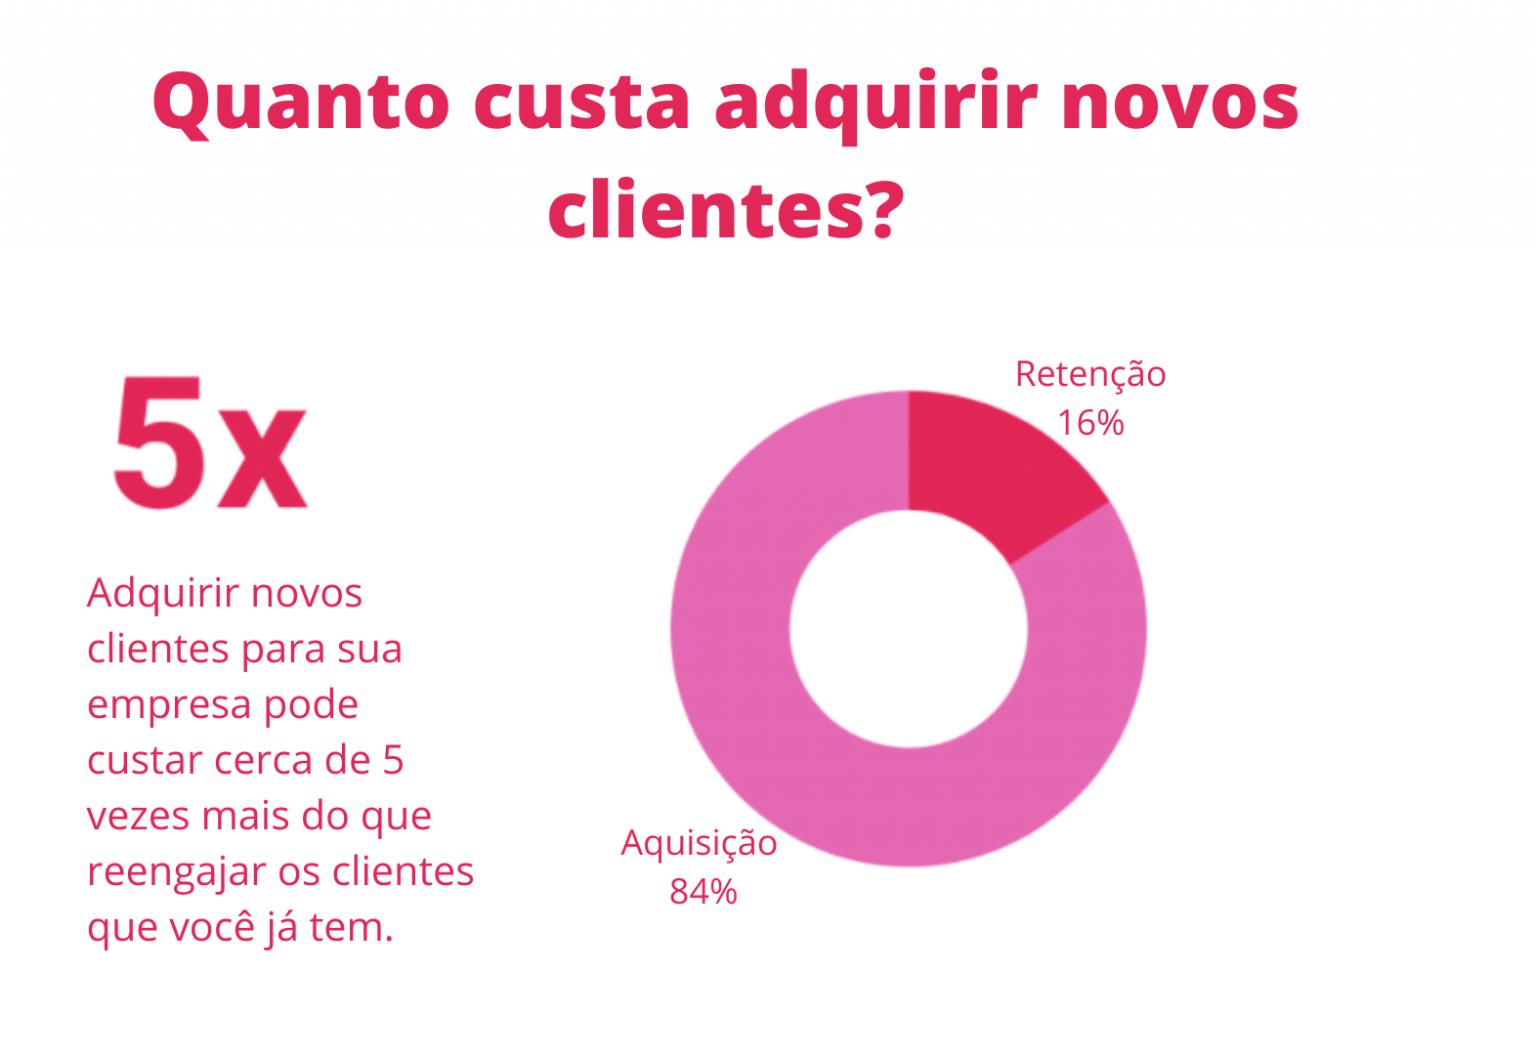 Gráfico sobre o custo de adquirir novos clientes